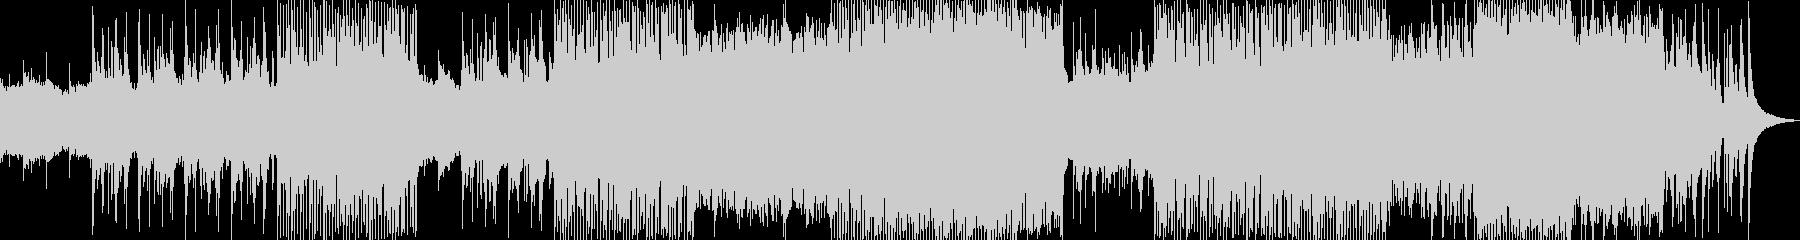 ピアノとシンセが美しい透明感のあるBGMの未再生の波形